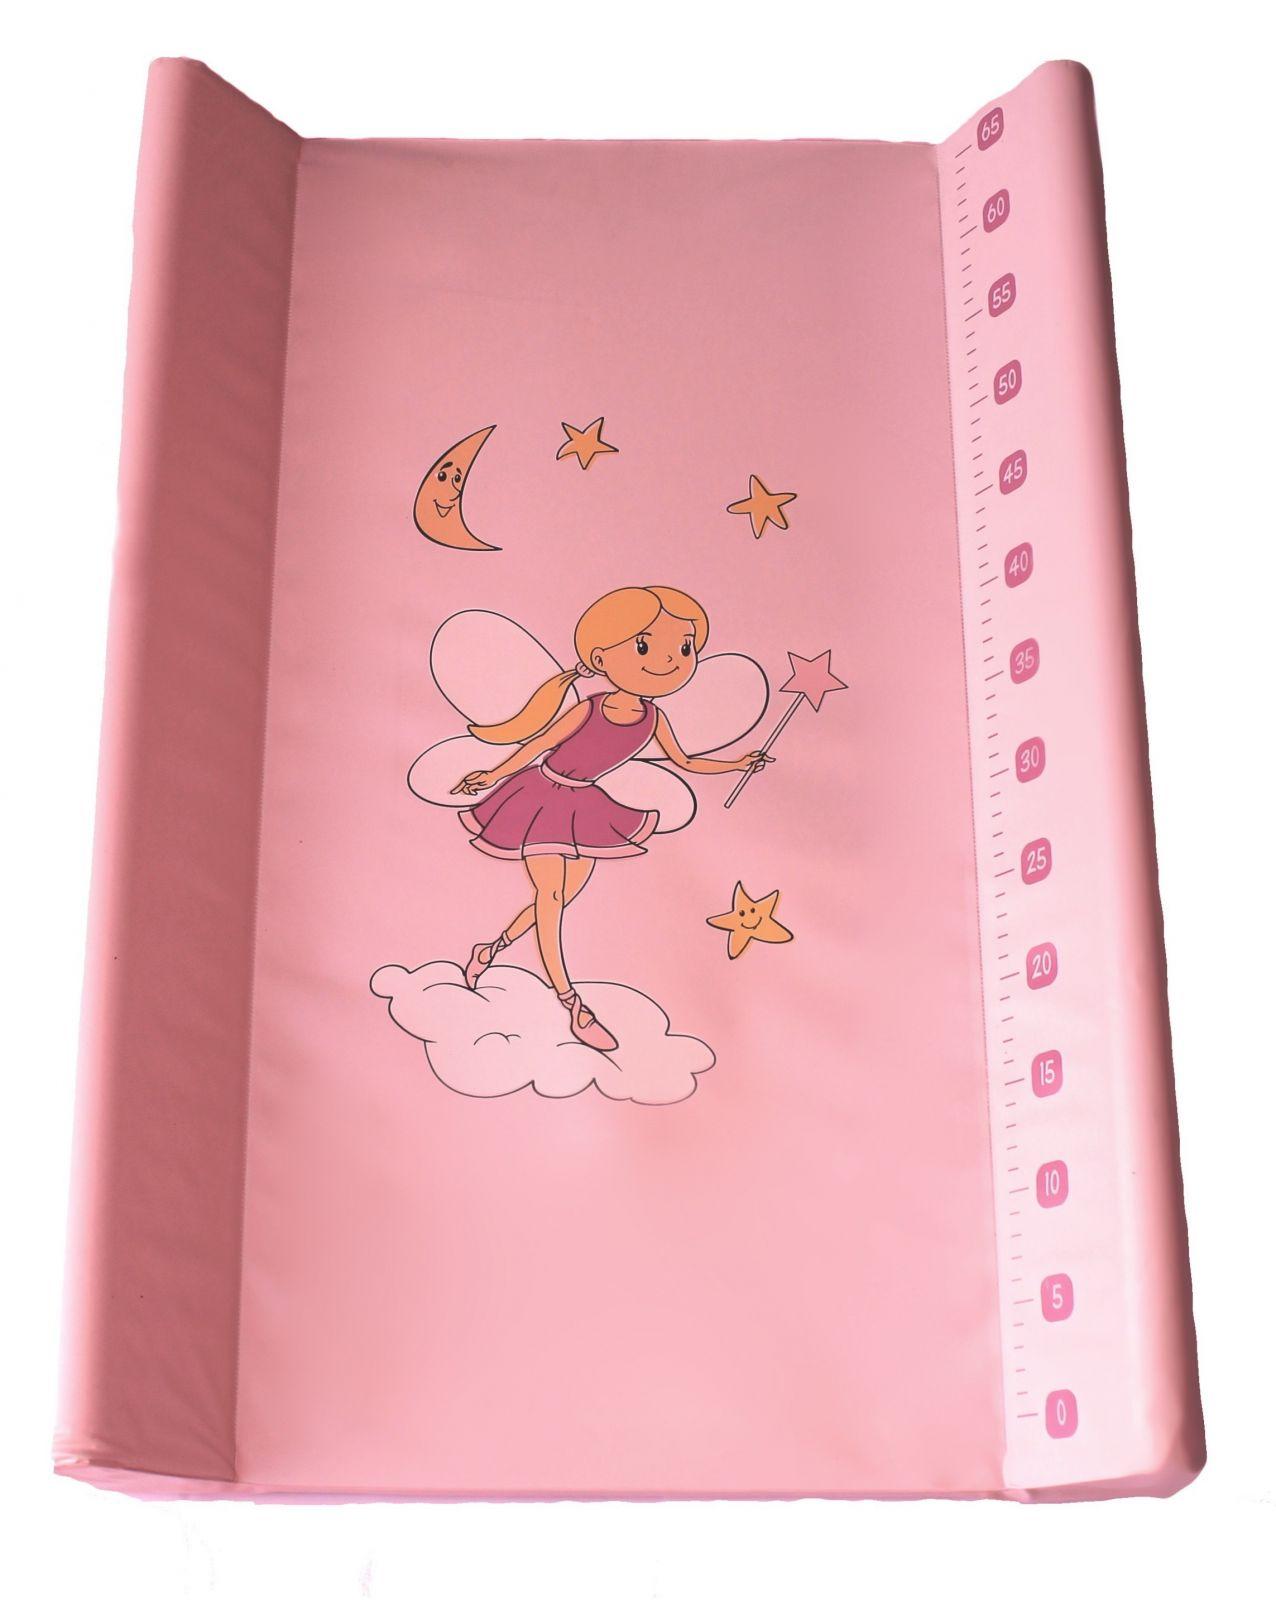 Přebalovací podložka Baby sky měkká 50x70 cm růžová víla